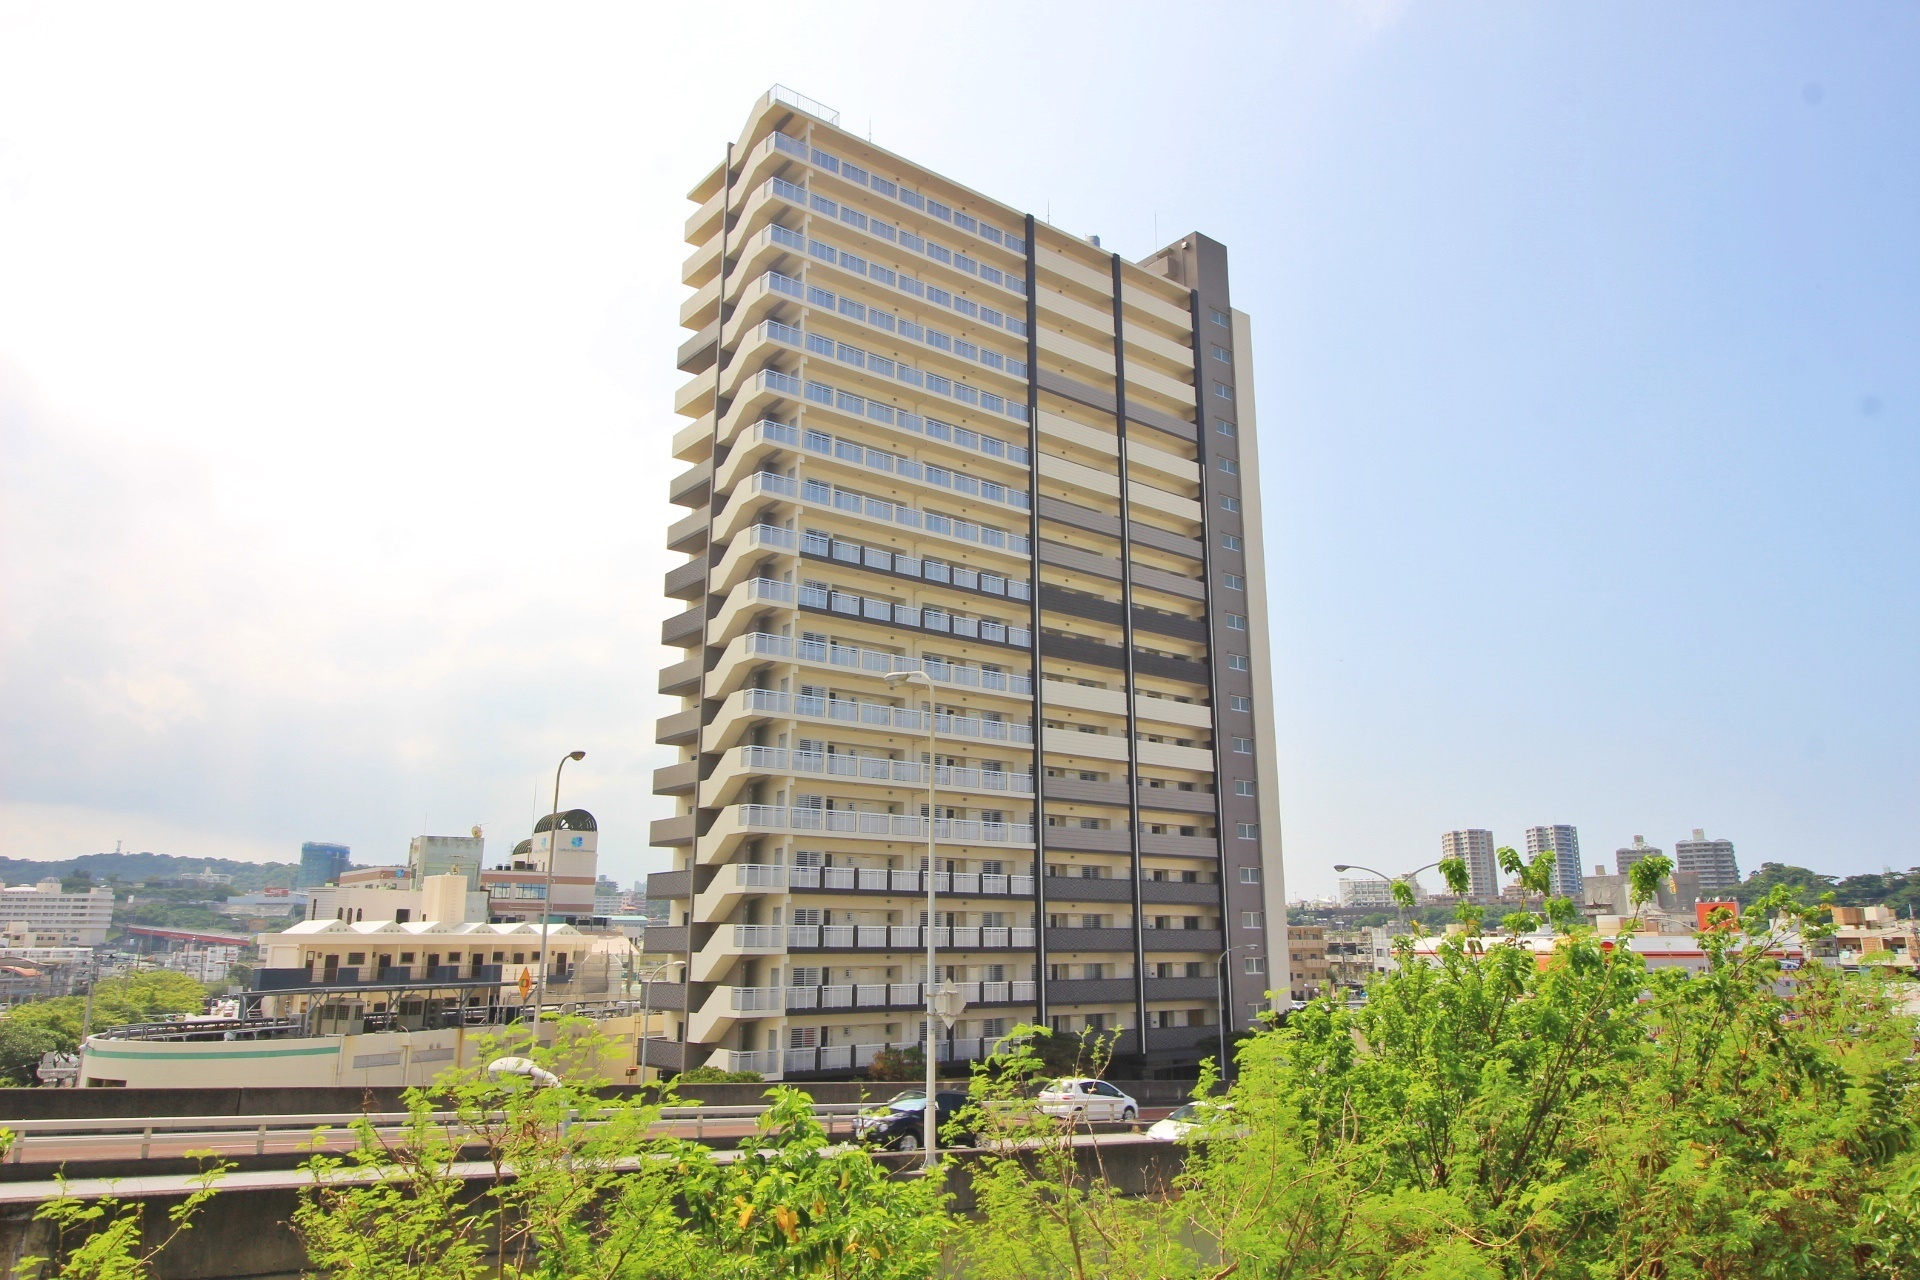 【外観写真】 新築タワーマンション19階建最上階!オーシャンビュー・即内覧可能!駐車場空有・ペット飼育可・WIC!